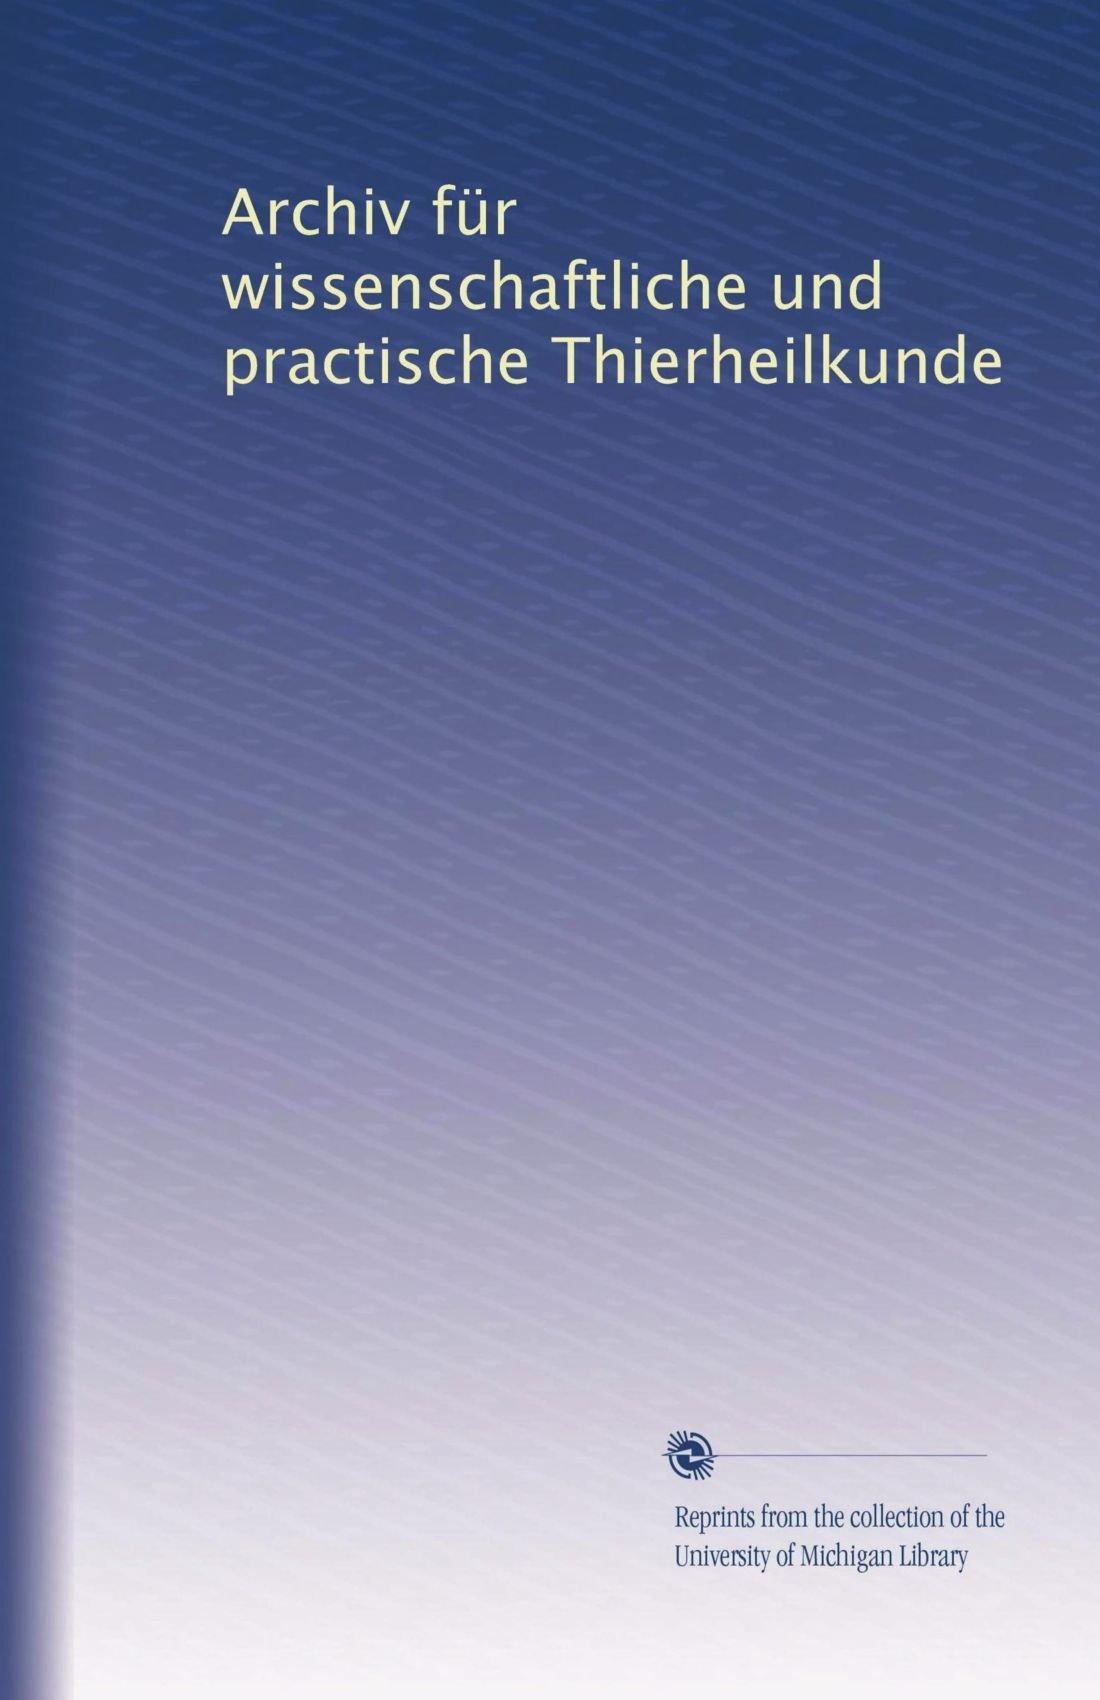 Download Archiv für wissenschaftliche und practische Thierheilkunde (Volume 41) (German Edition) pdf epub